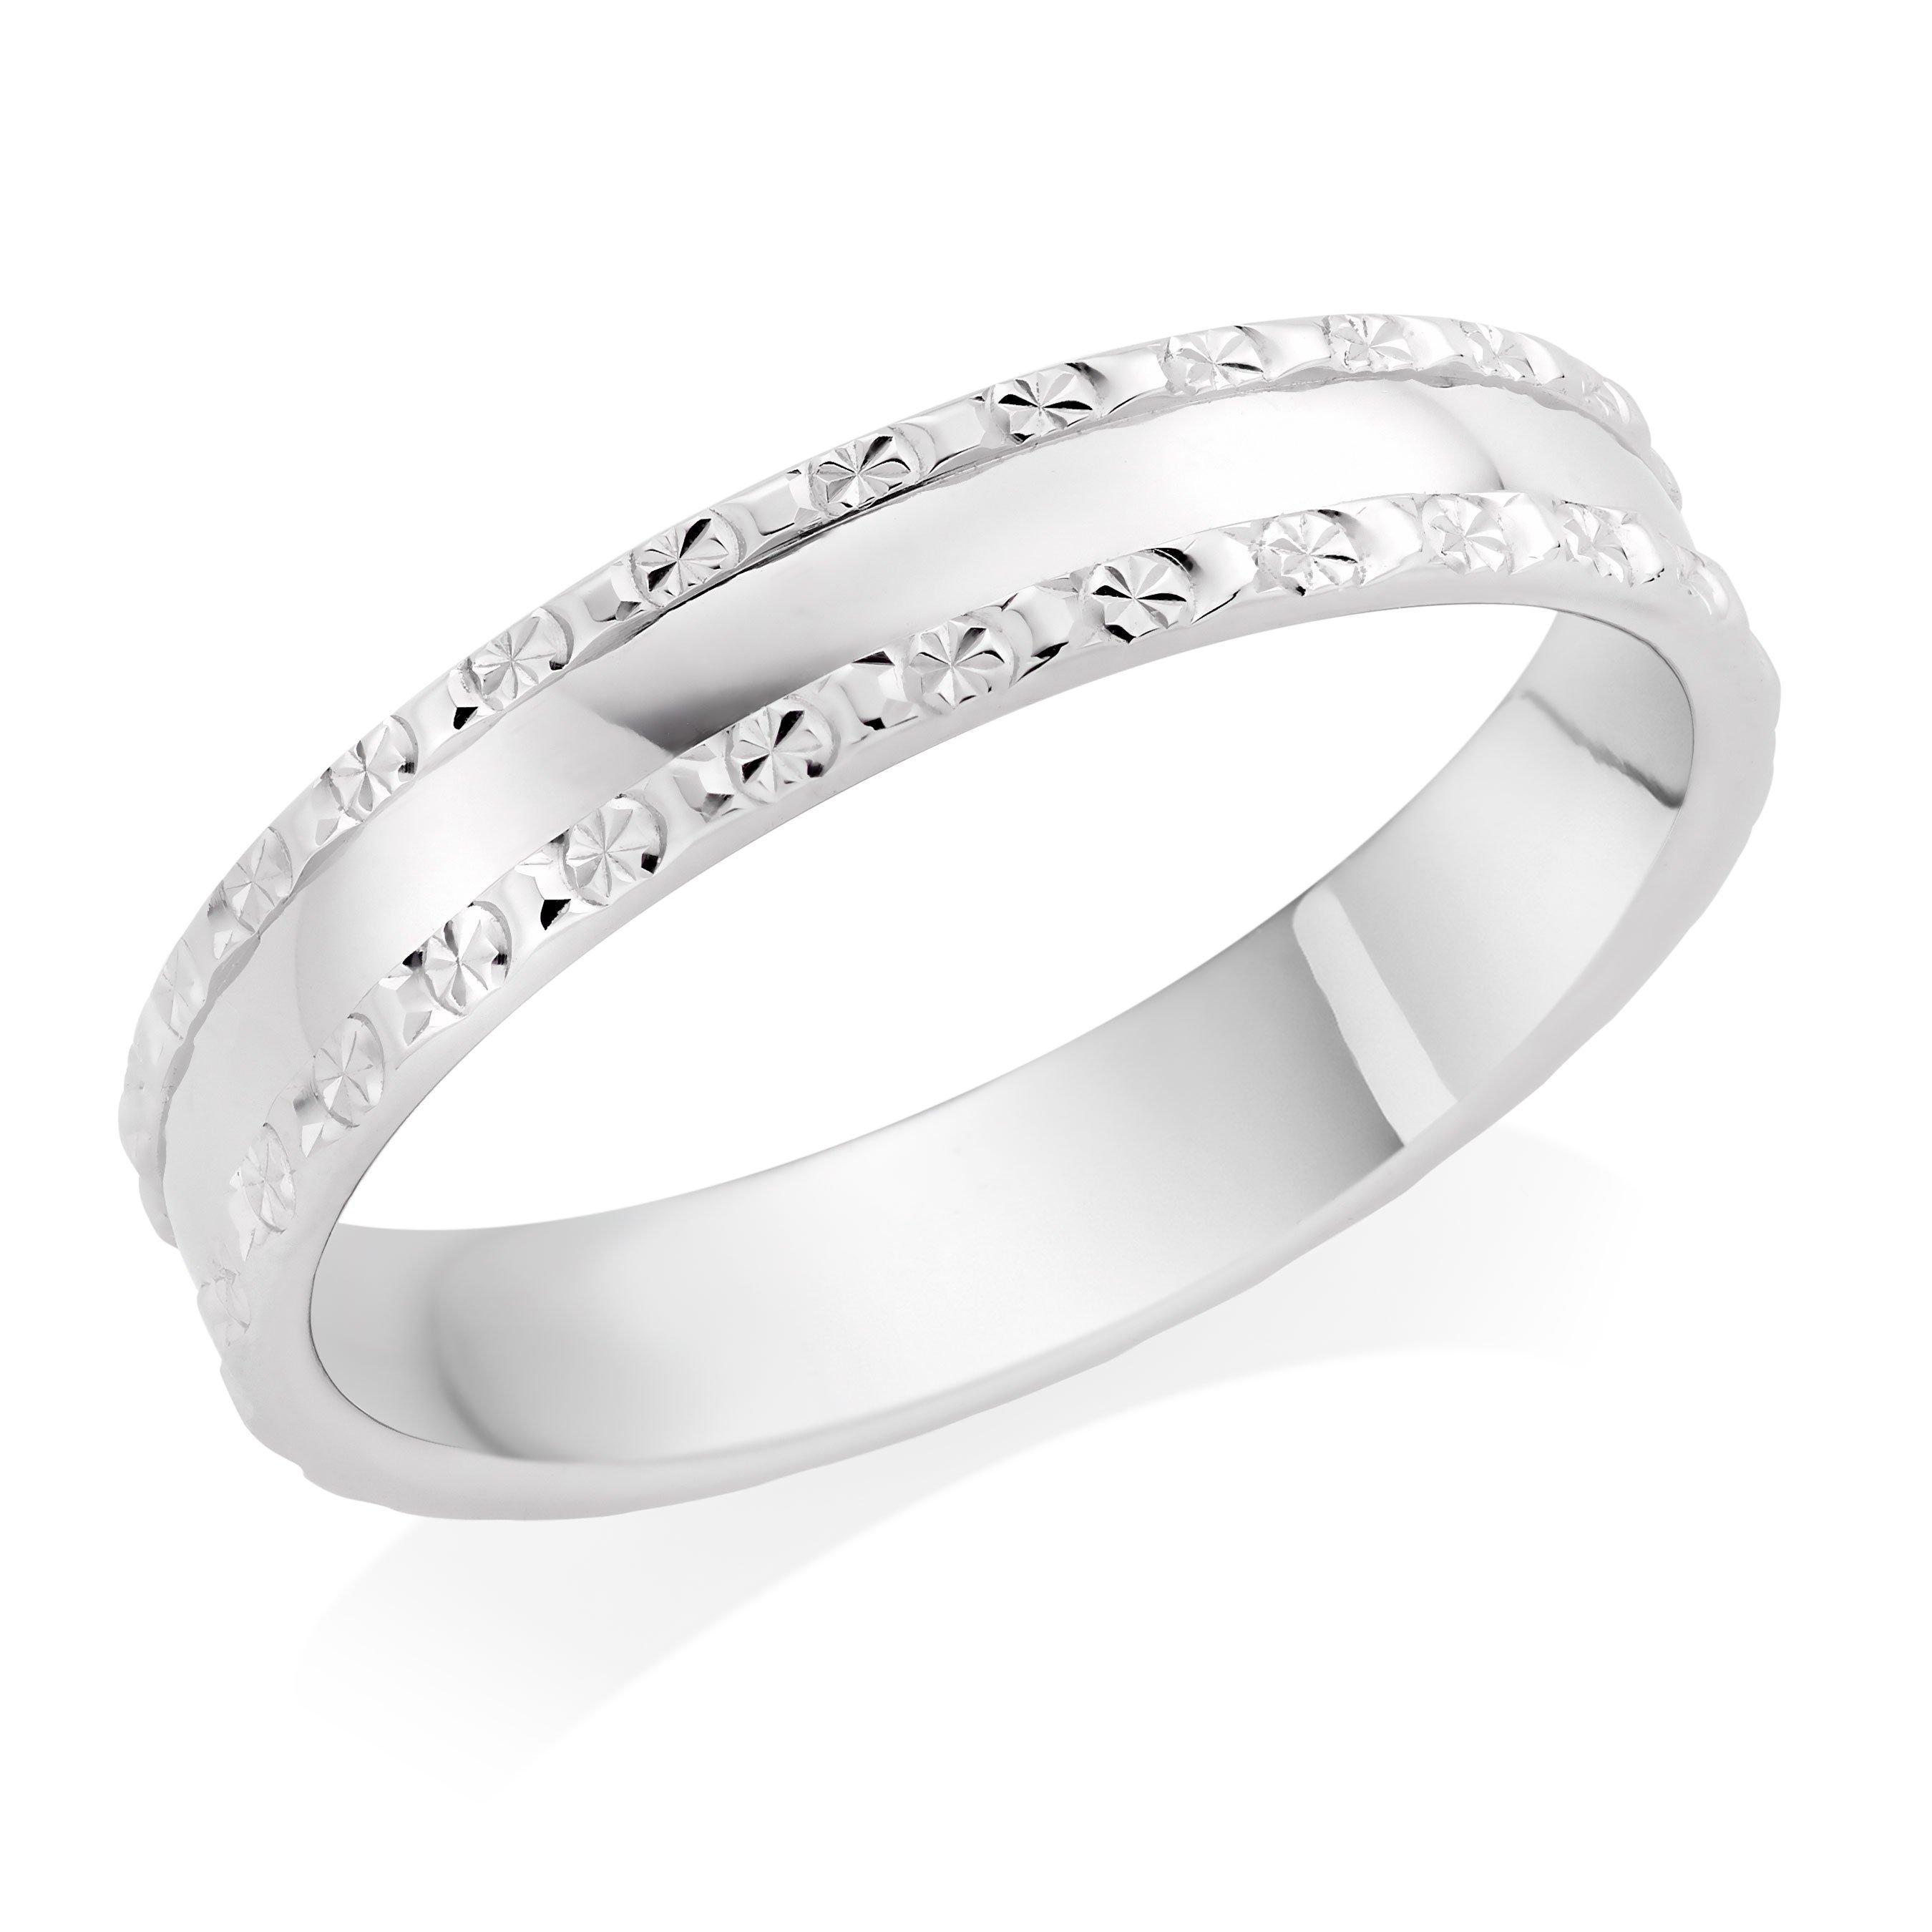 9ct White Gold Sparkle Edge Wedding Ring